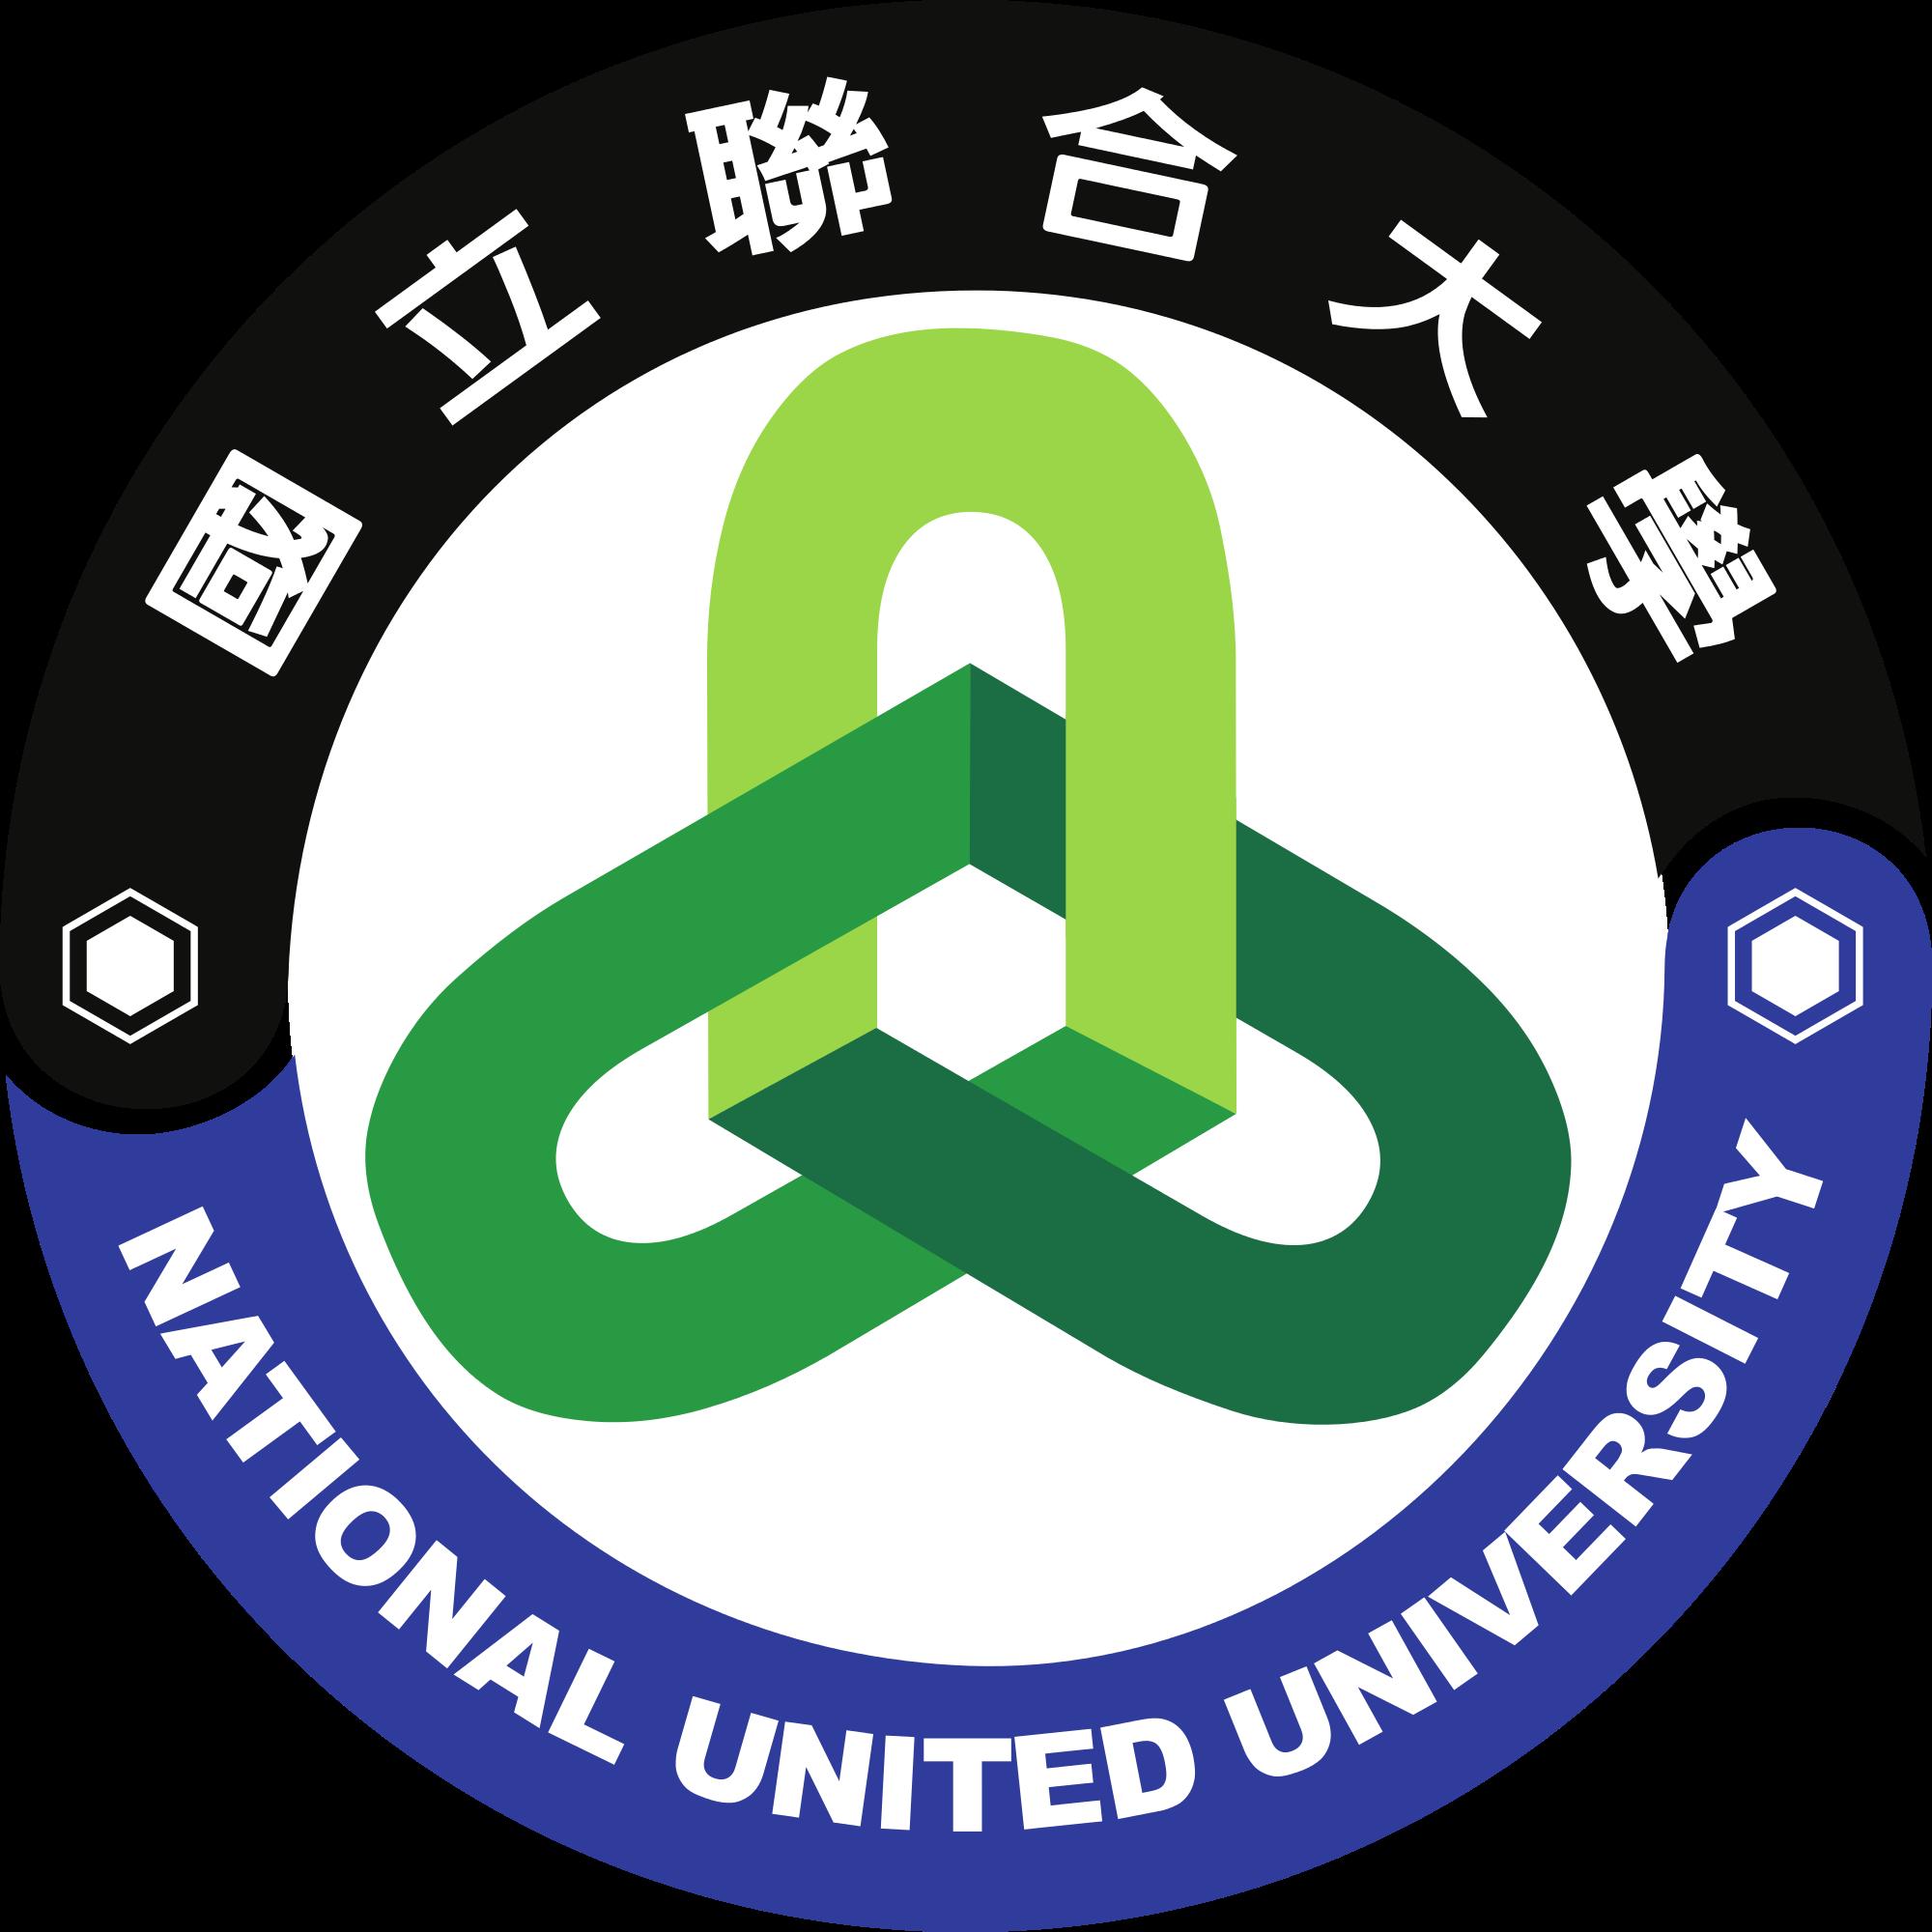 National United University